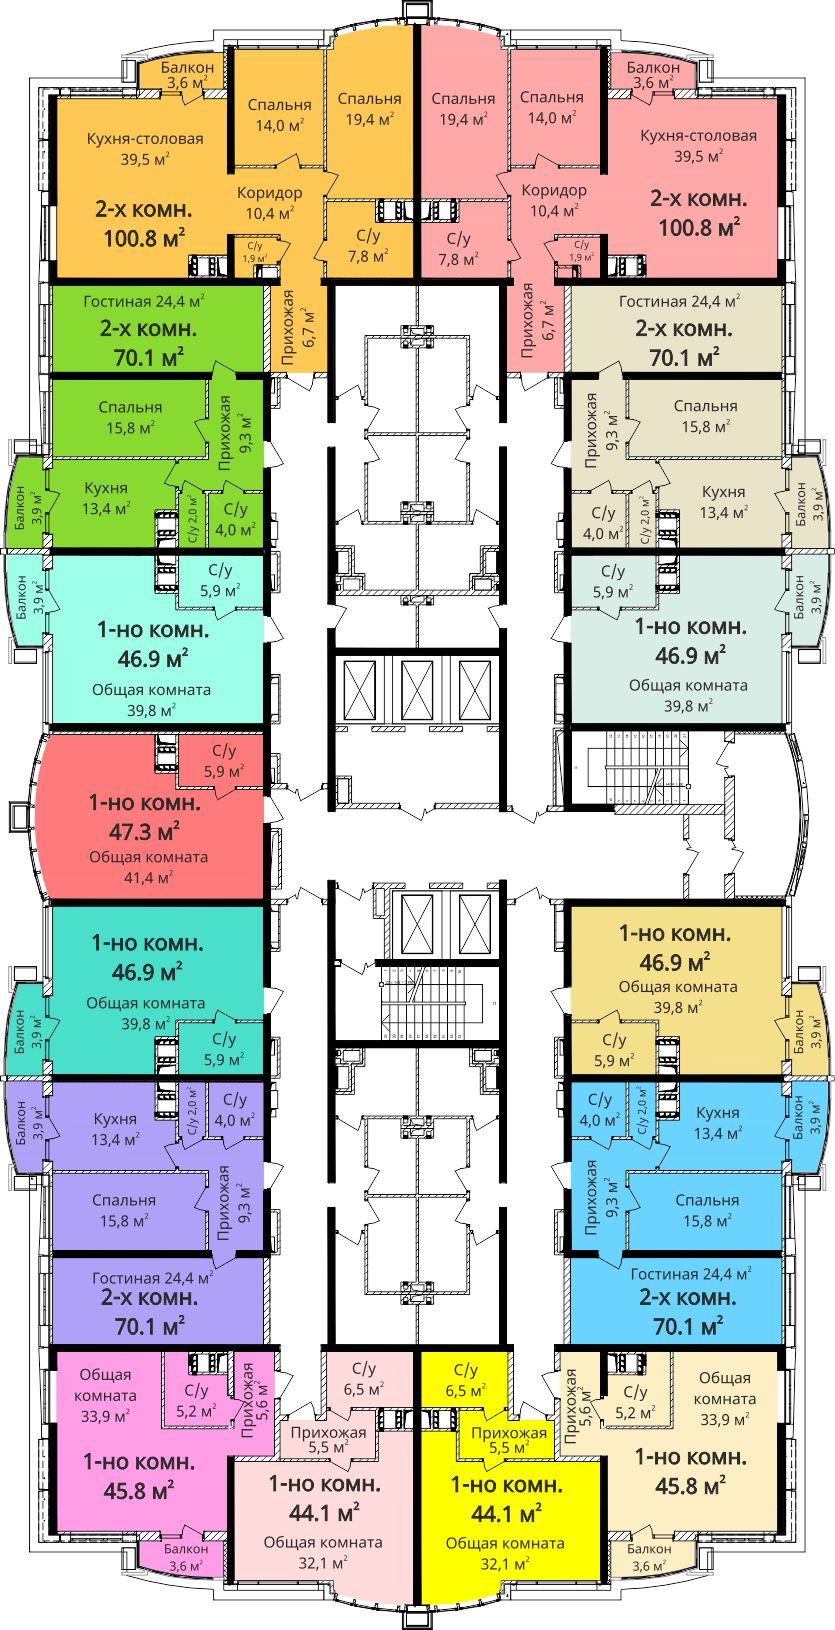 ЖК Четыре сезона план секции 1 на 6-20 этаже